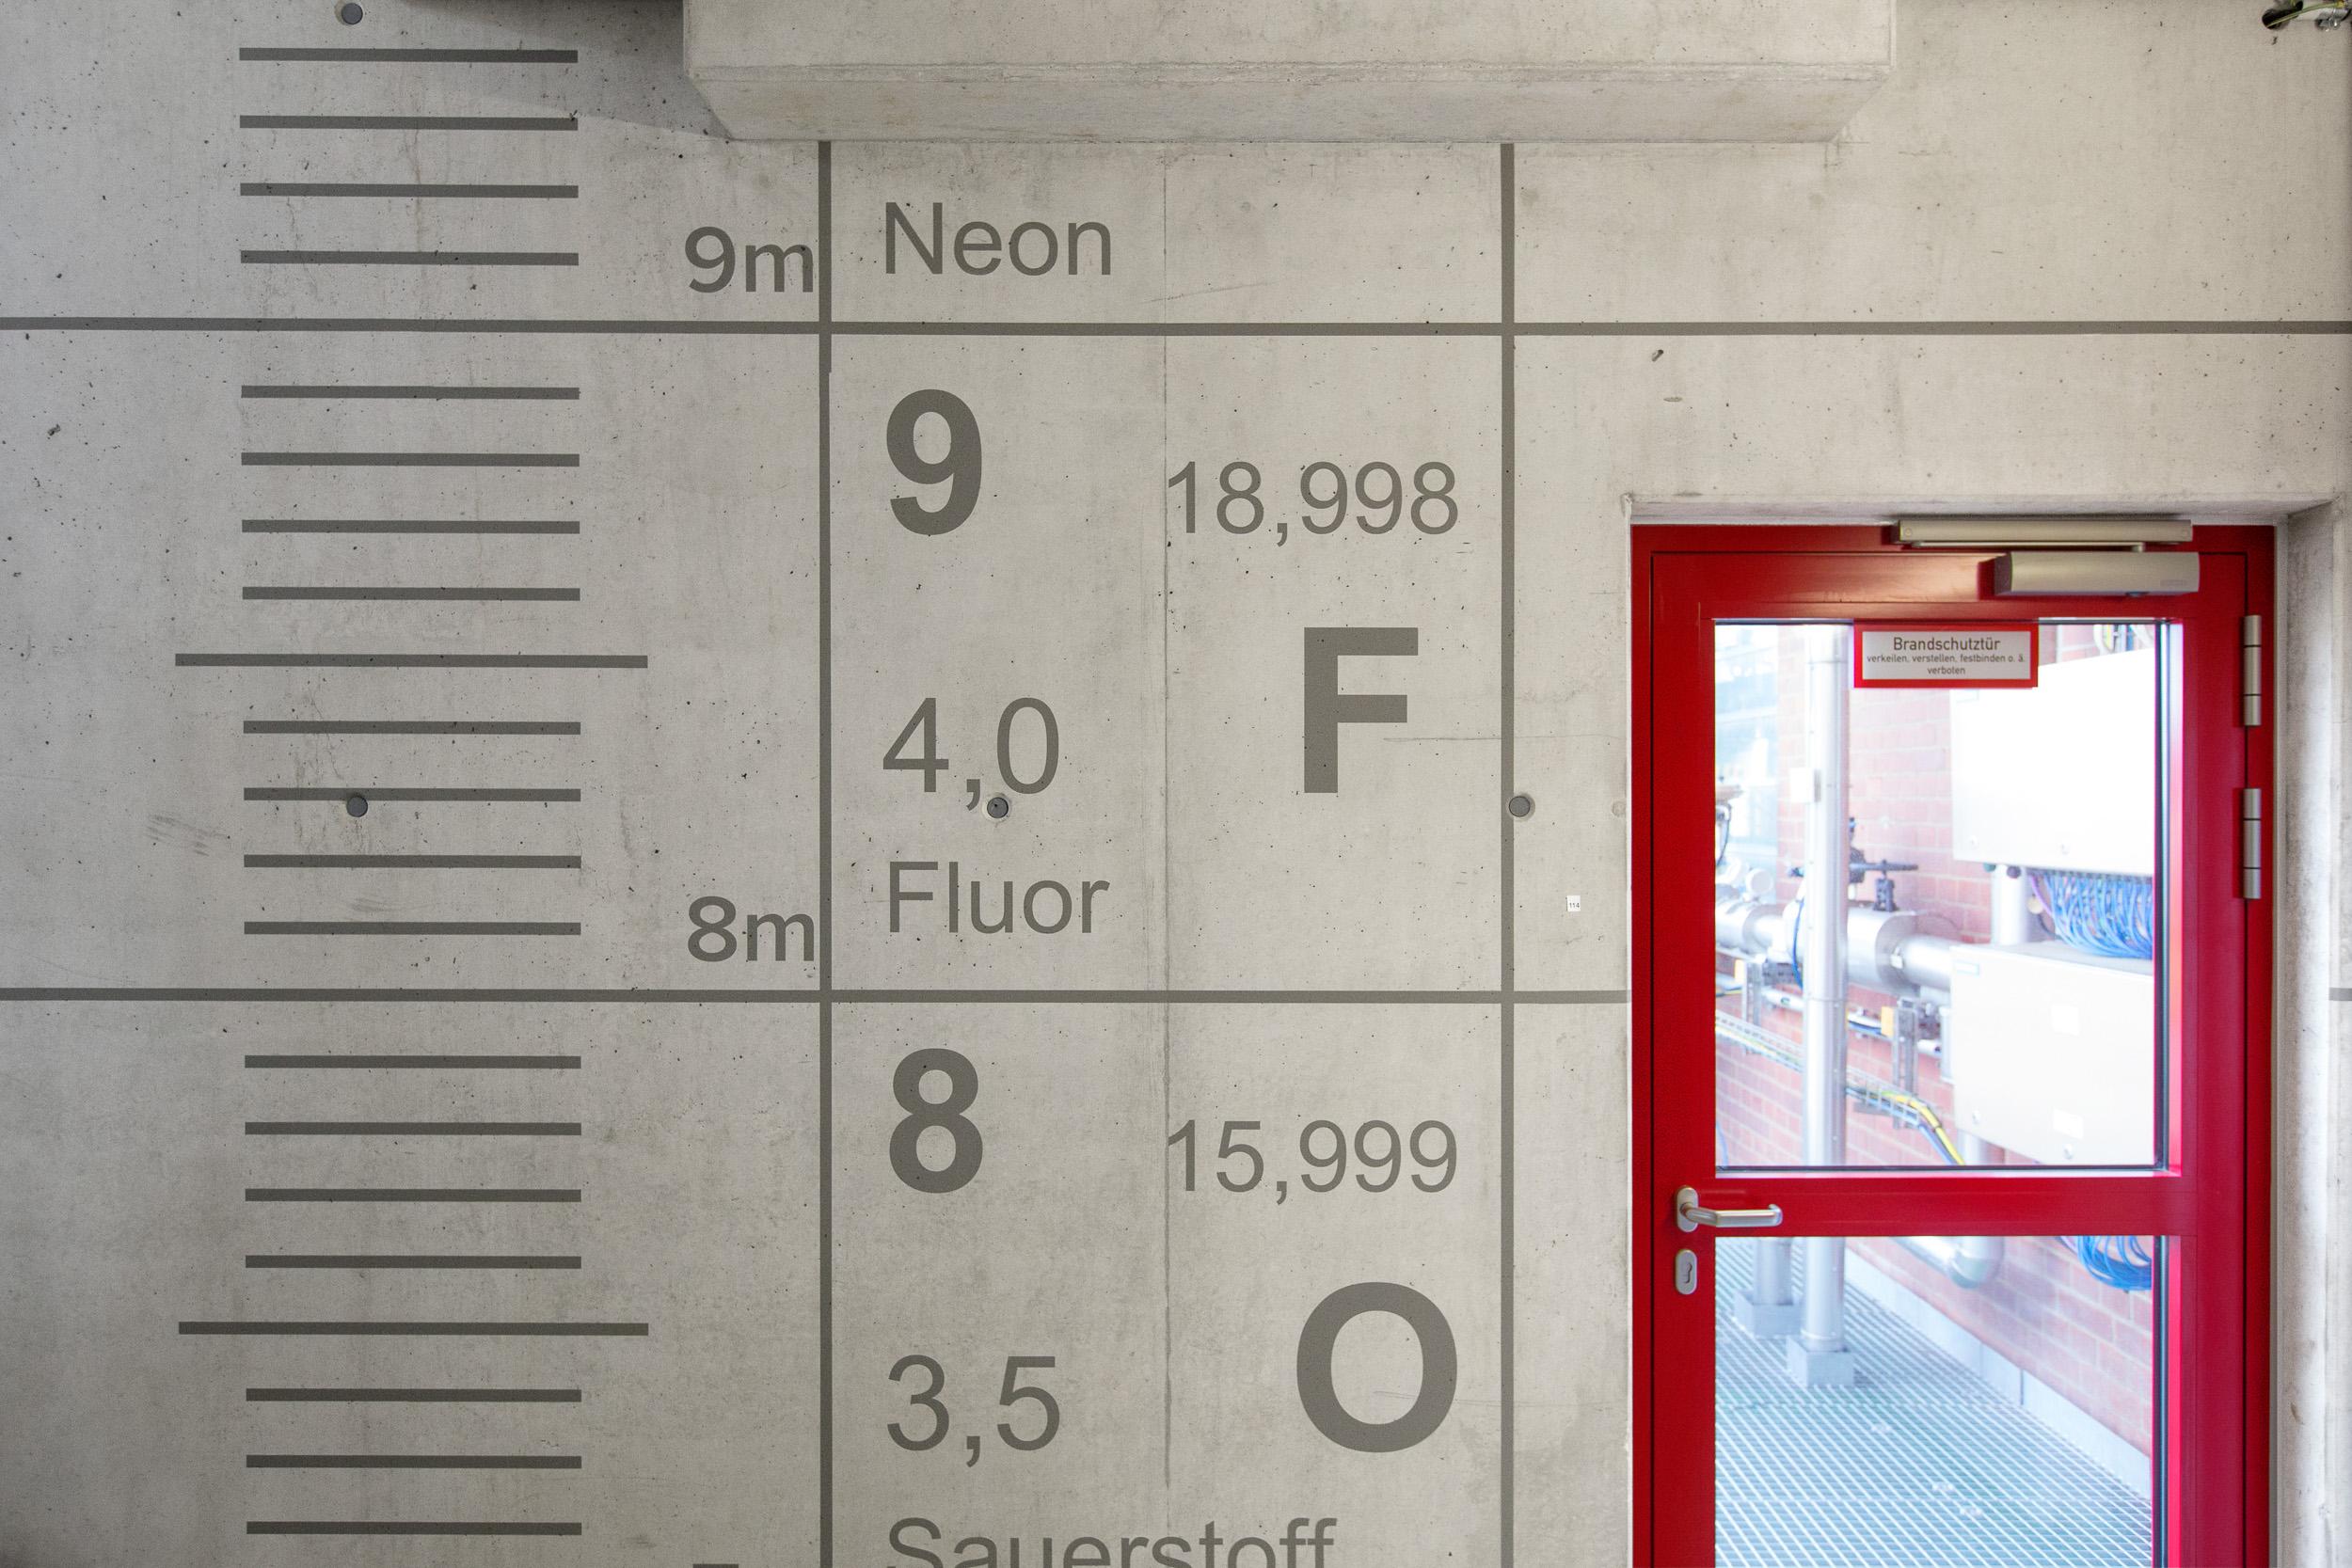 leitsystem-indoor-innen-bayer-industrie-treppenhaus-grau-metermaß-sicherheit.jpg